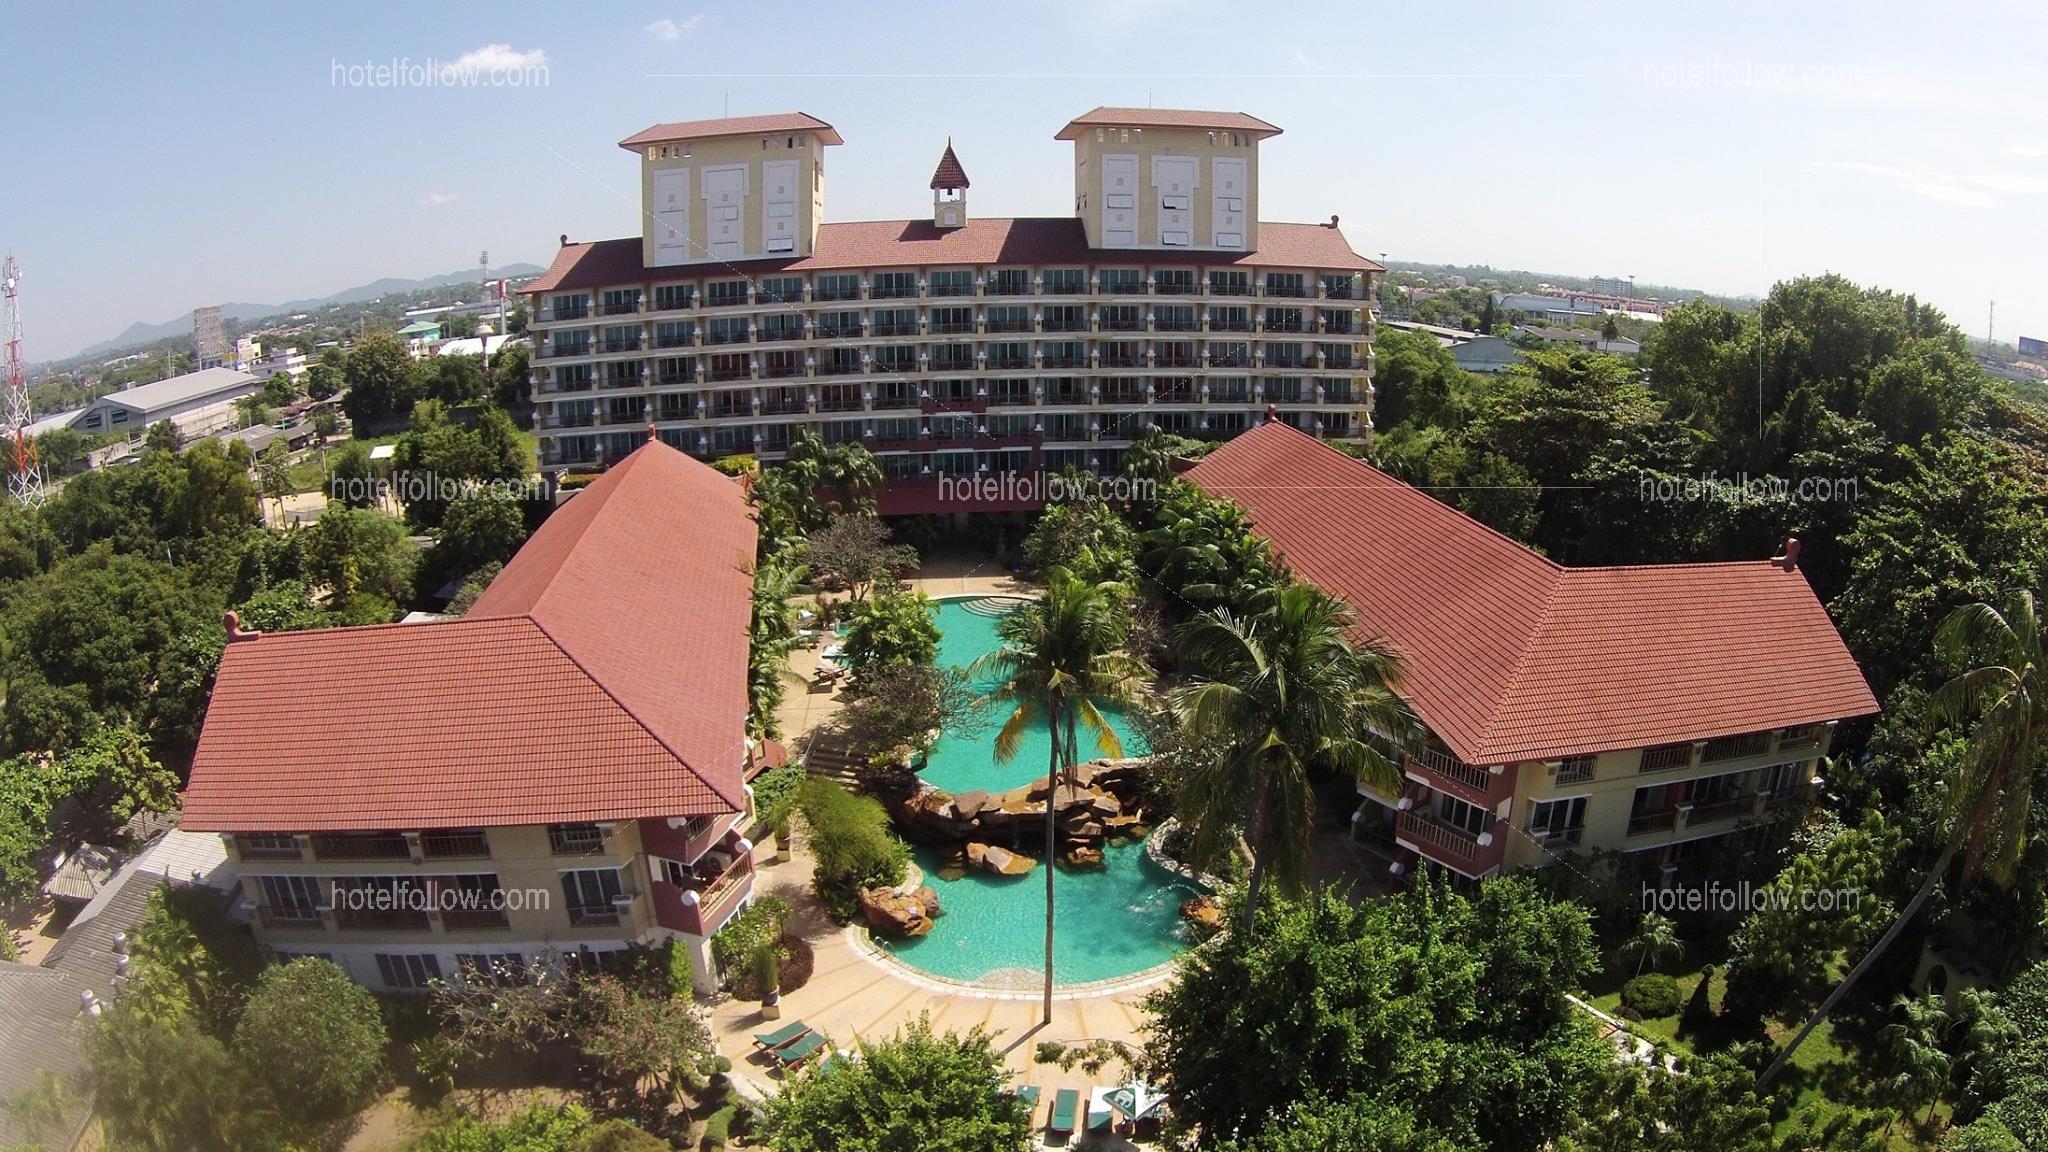 โรงแรม เบลล่าวิลล่า คาบาน่า พัทยา ชลบุรี